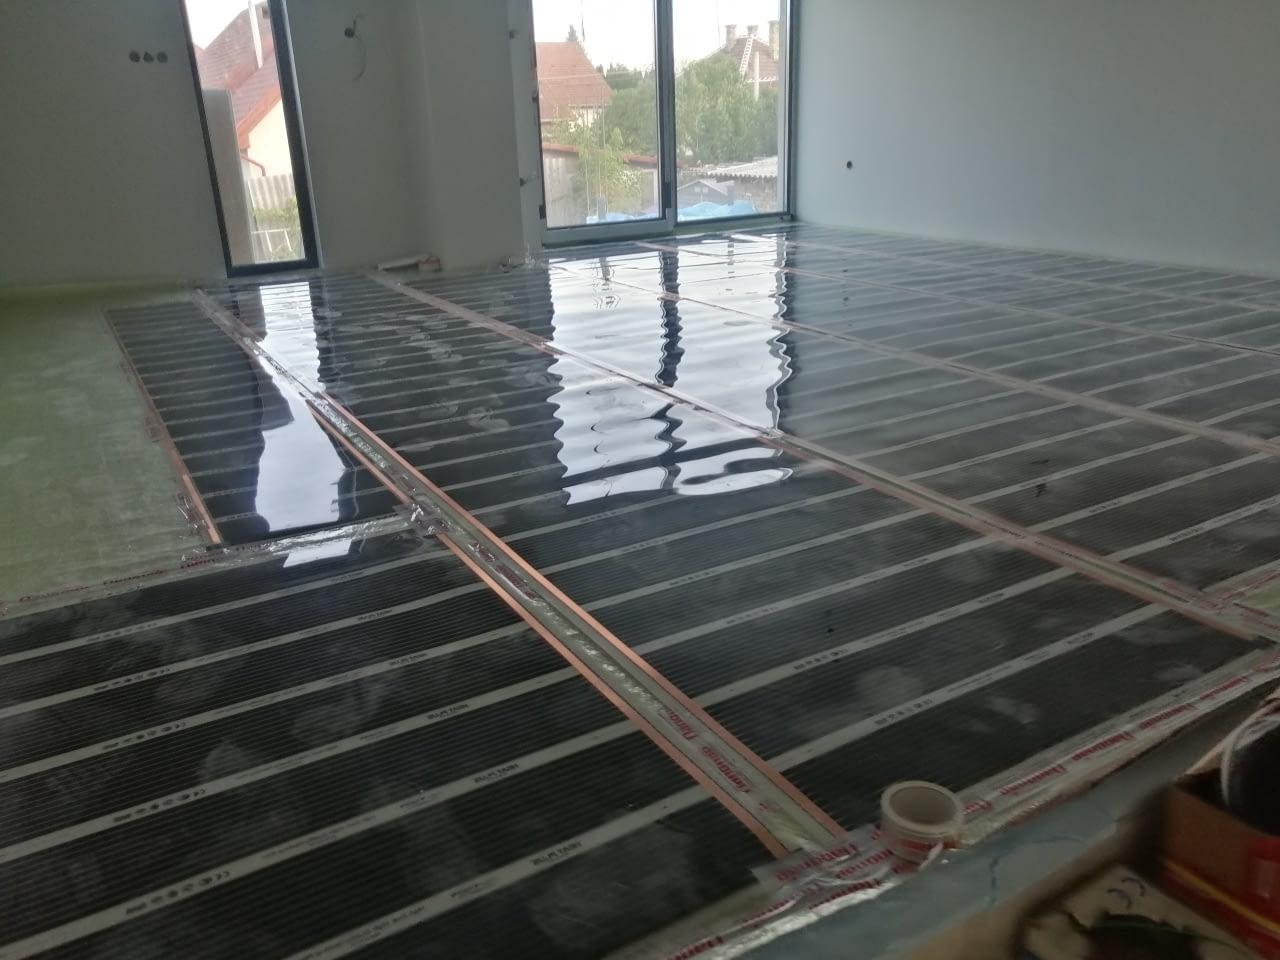 Infra padlófűtés kivietelezés orosháza (9)